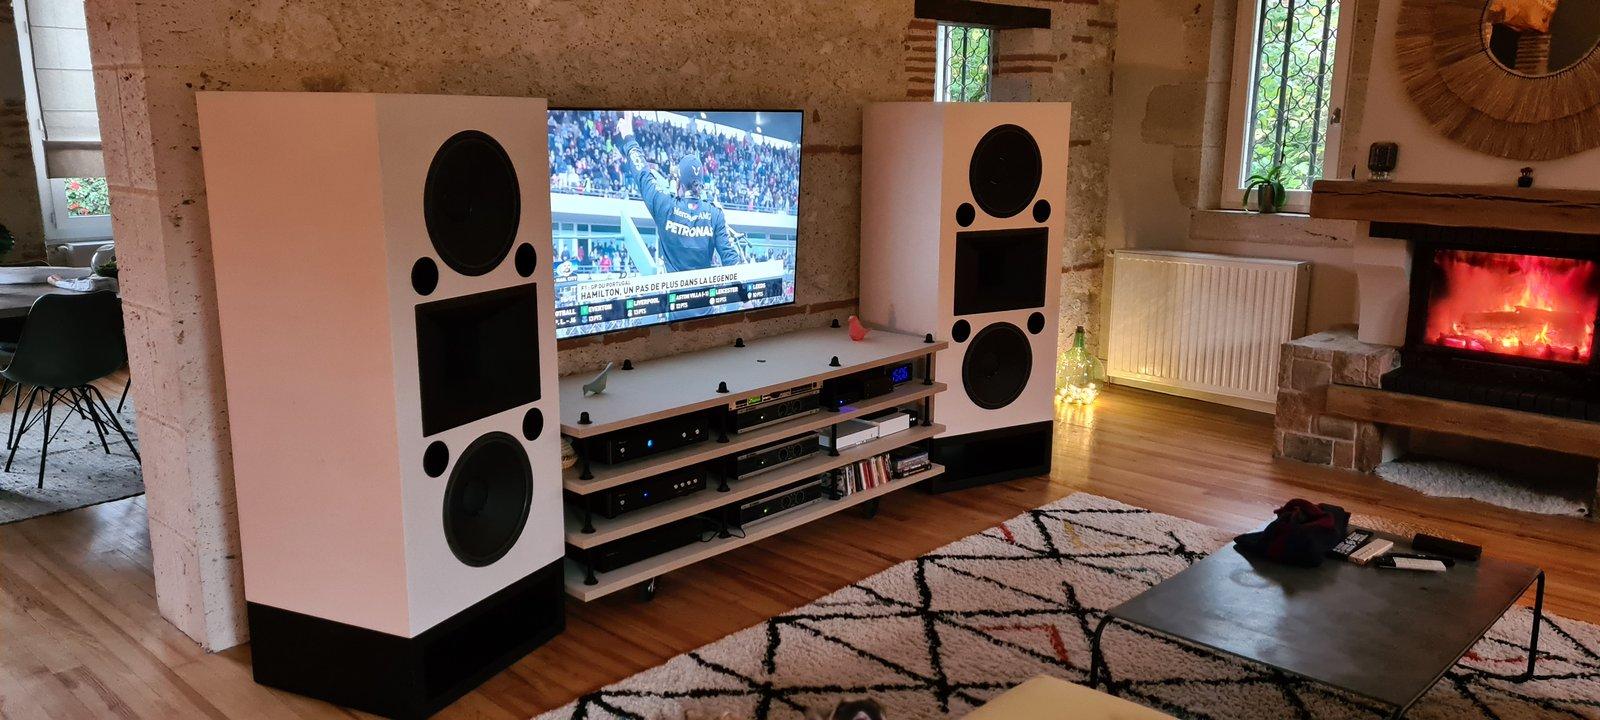 Projet DIY - Double 38 - Compression 2 pouces - l'aboutissement ? - Page 7 201026033404414735